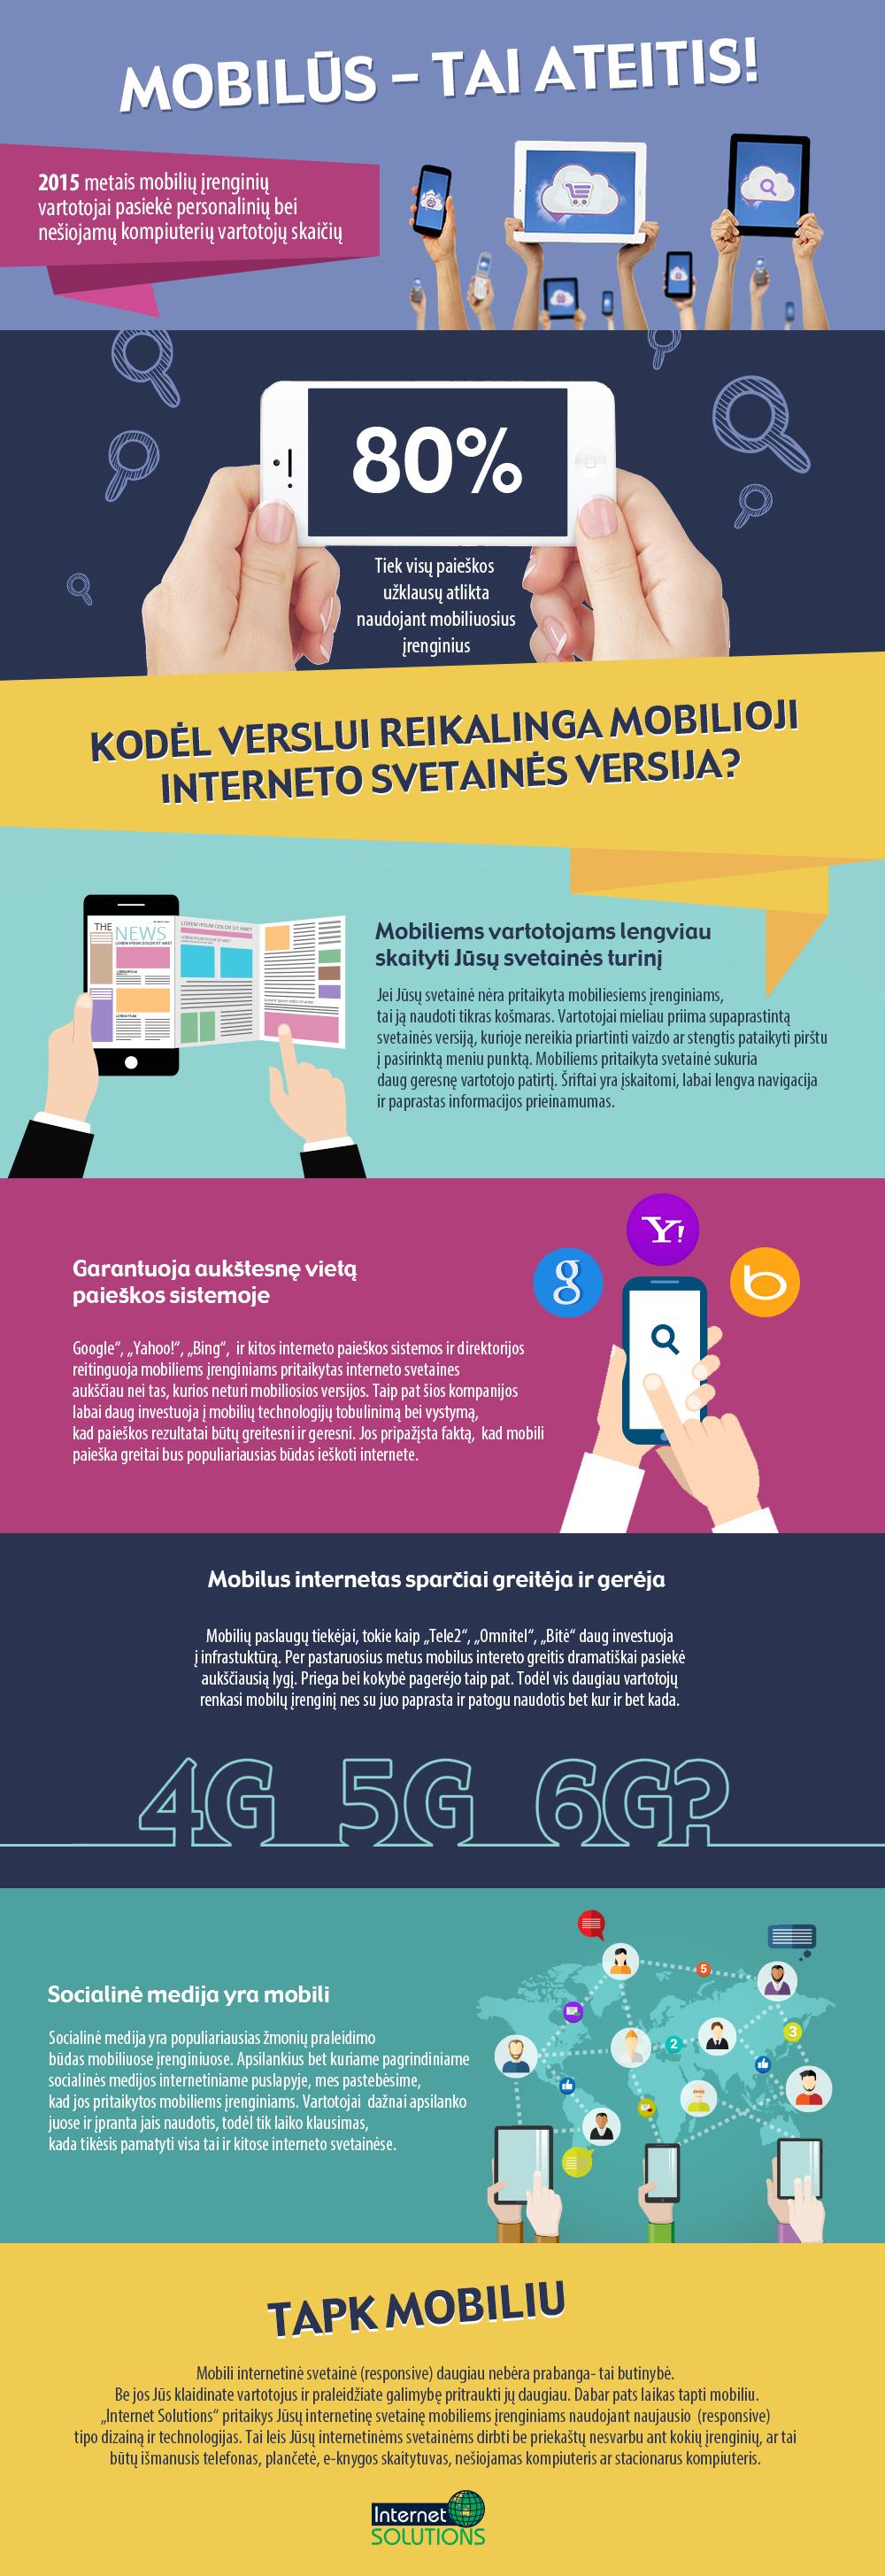 7 prekybos įrankiai, kuriuos galite naudoti savo mobiliajame telefone ir iš karto uždirbti pinigus